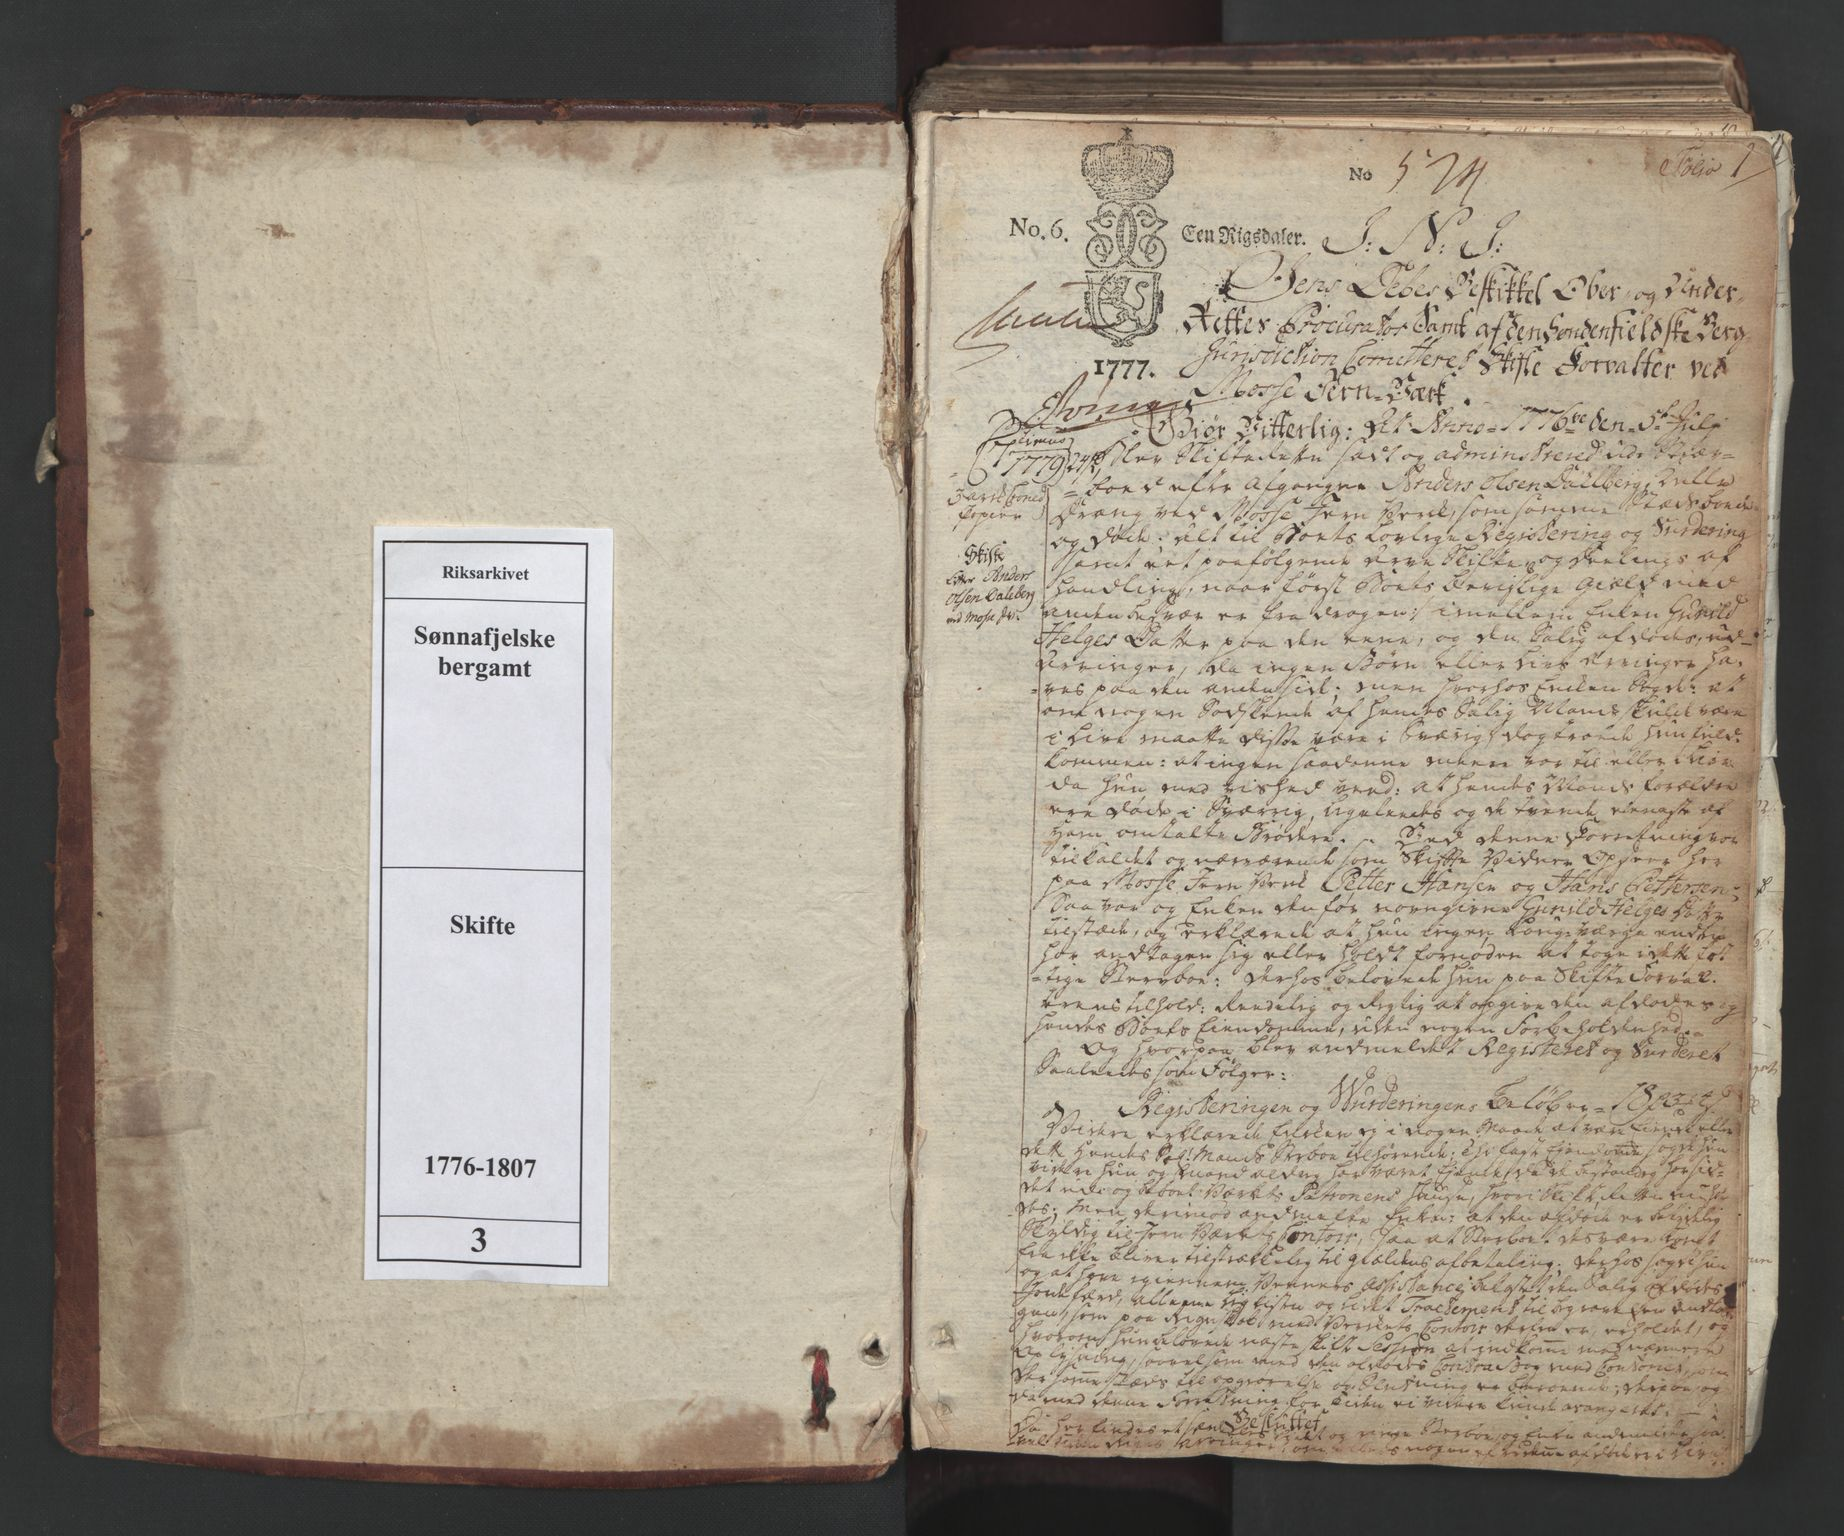 RA, Sønnafjelske bergamt , I/L0003: Skifteprotokoll for sønnafjelske bergverk utenfor Kongsberg bergstad og Vallø saltverk, 1776-1807, s. 1a